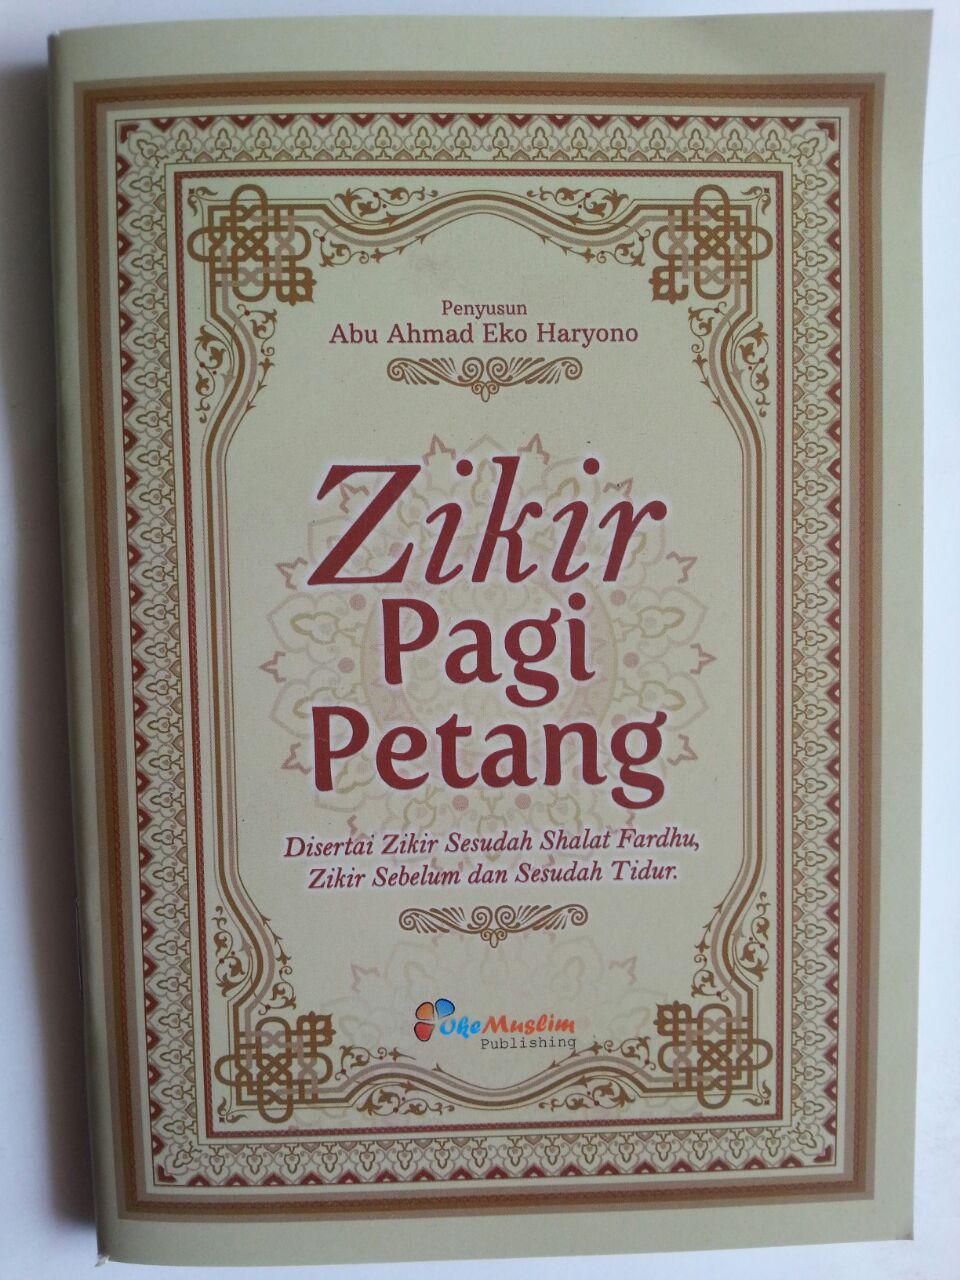 Buku Saku Zikir Pagi Petang Zikir Sesudah Shalat Fardhu Zikir Tidur cover 2